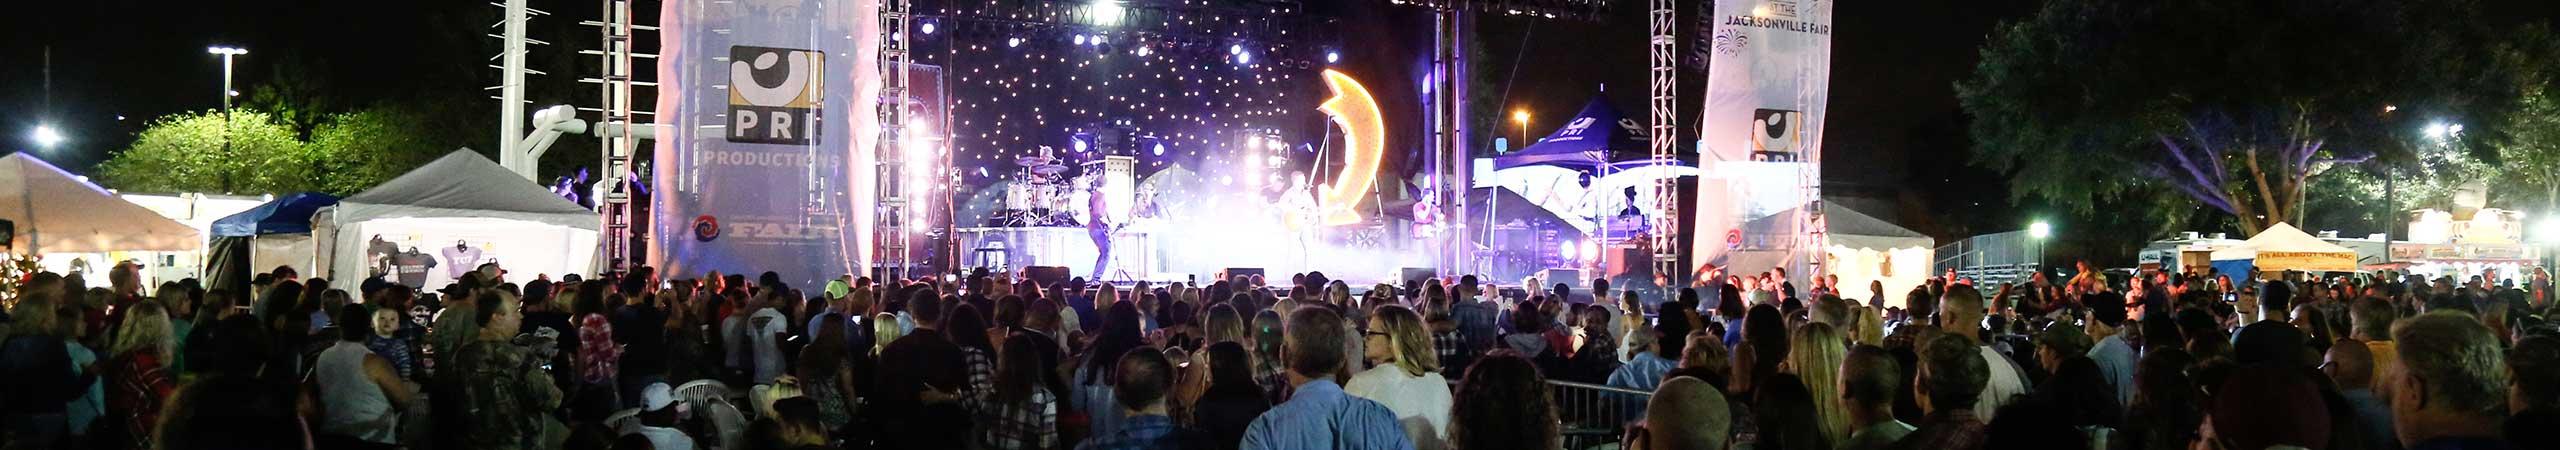 Jacksonville FL Festivals